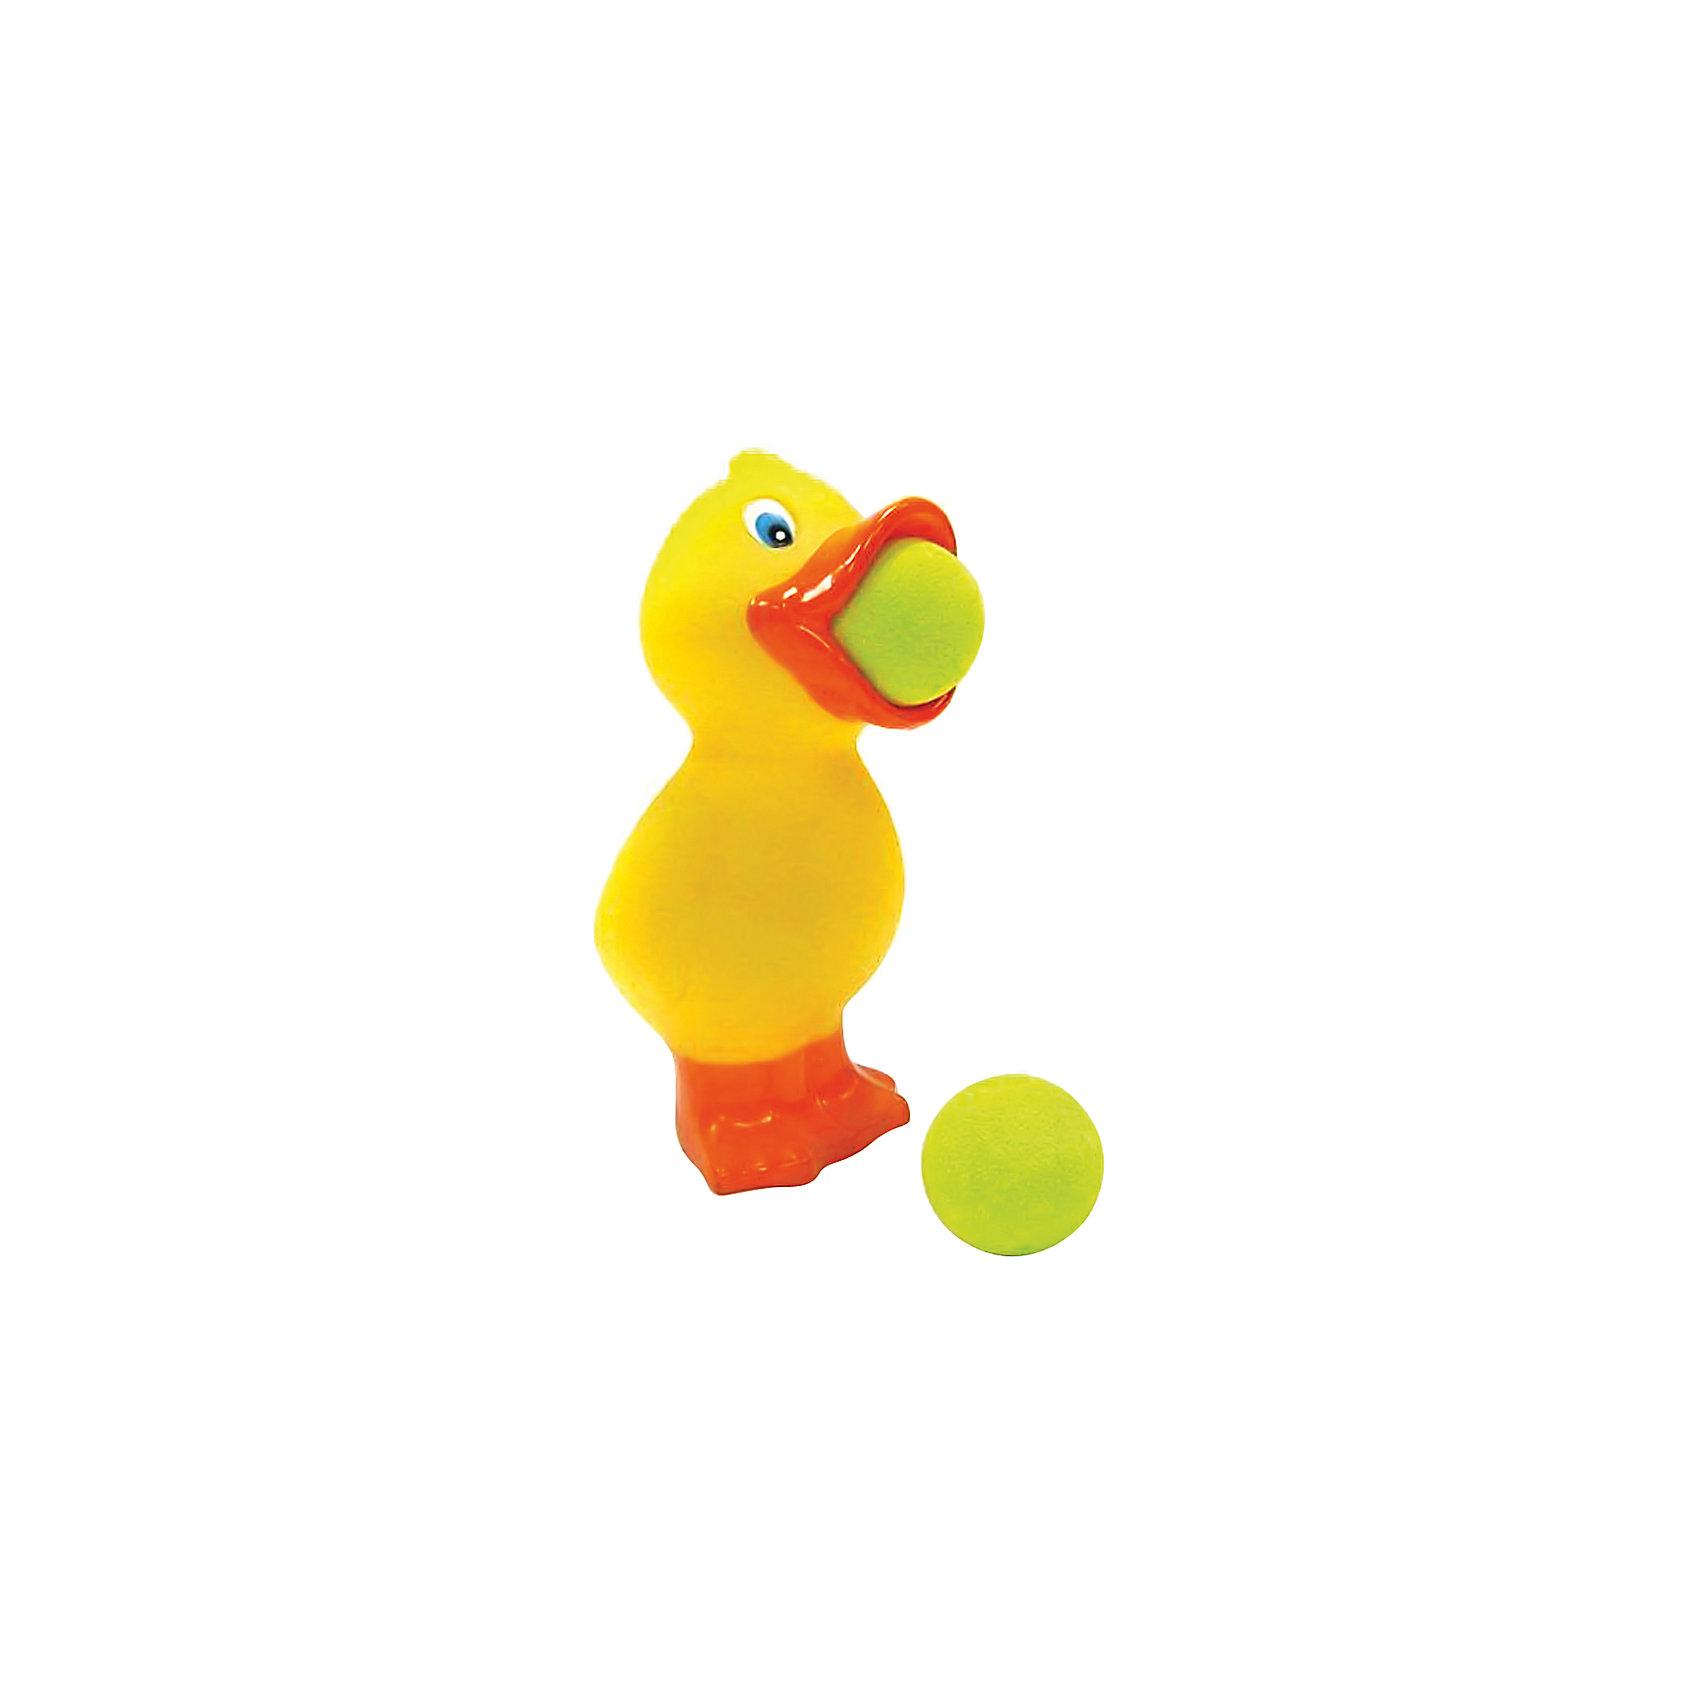 Игрушка для ванной Веселый утенок, ЖирафикиКупание в ванной любят далеко не все малыши. И это оправдано. Многие из них боятся воды, которая попадает в глазки и ушки, а многие не любят, потому что им просто скучно купаться. Исправить последнее поможет игрушка для ванной, которая займет малыша во время купания. Игрушка изготовлена из пластика, поэтому не утонет даже при активной игре! Материалы, использованные при изготовлении товара, абсолютно безопасны и отвечают всем международным требованиям по качеству.<br><br>Дополнительные характеристики:<br><br>материал: пластик;<br>цвет: разноцветный.<br><br>Игрушку для ванной Веселый утенок от компании Жирафики можно приобрести в нашем магазине.<br><br>Ширина мм: 740<br>Глубина мм: 241<br>Высота мм: 165<br>Вес г: 158<br>Возраст от месяцев: 12<br>Возраст до месяцев: 60<br>Пол: Унисекс<br>Возраст: Детский<br>SKU: 5032532